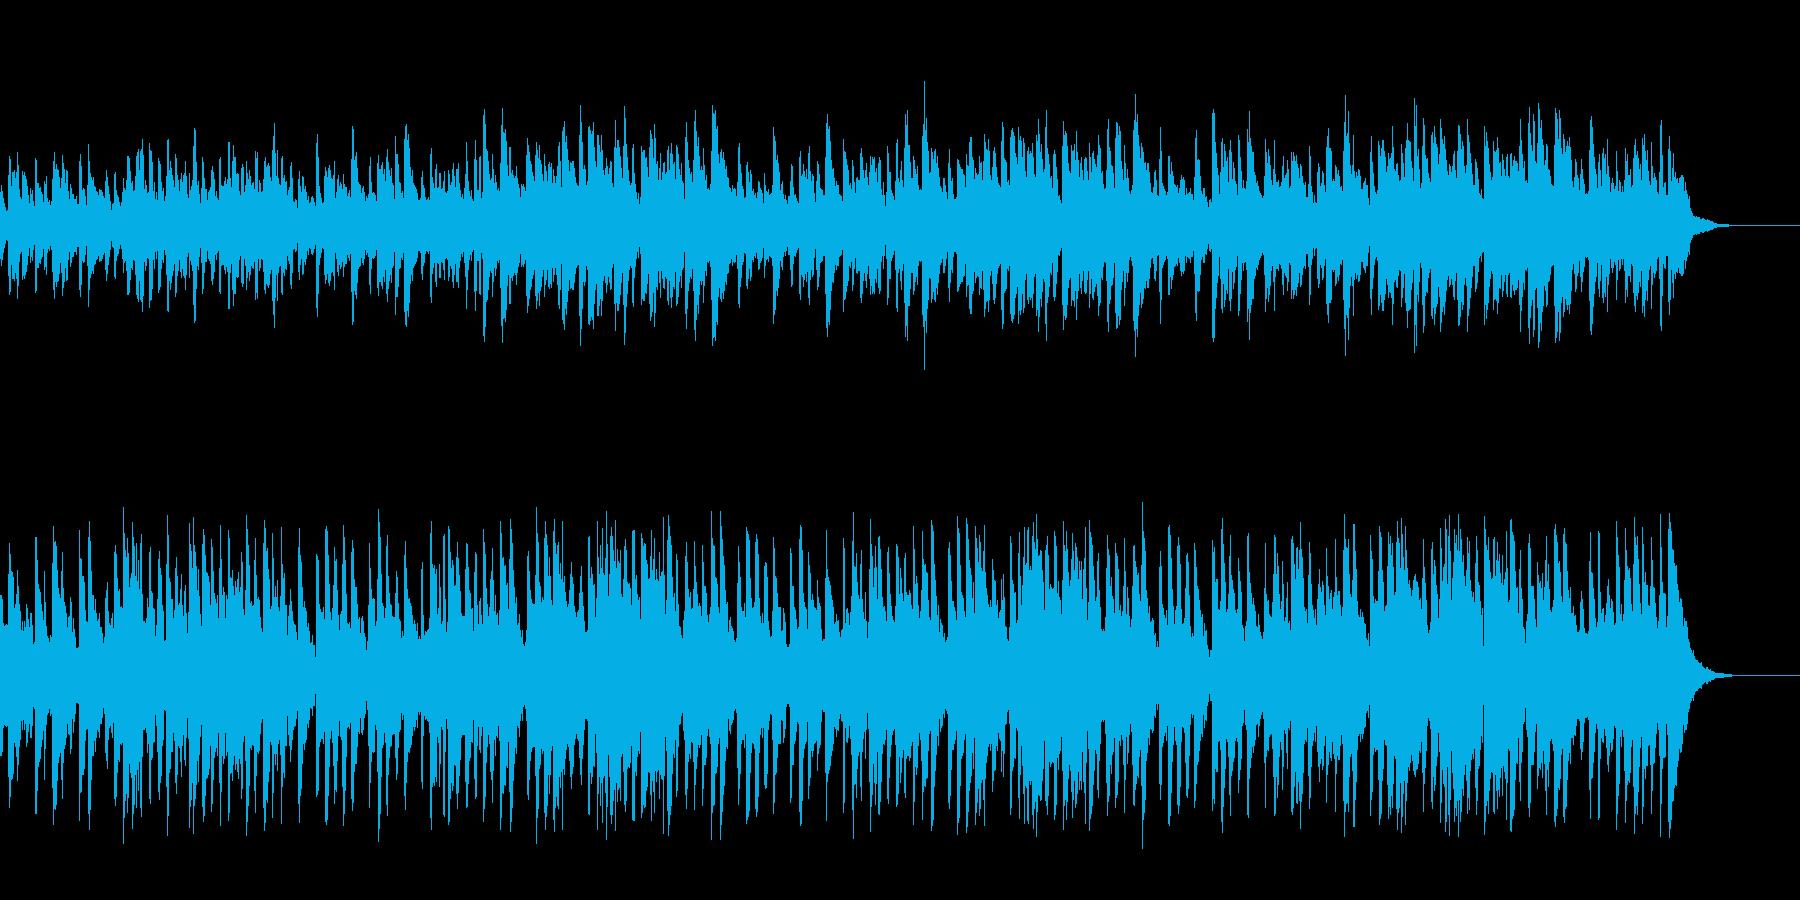 おめでとうクリスマス マリンババージョンの再生済みの波形